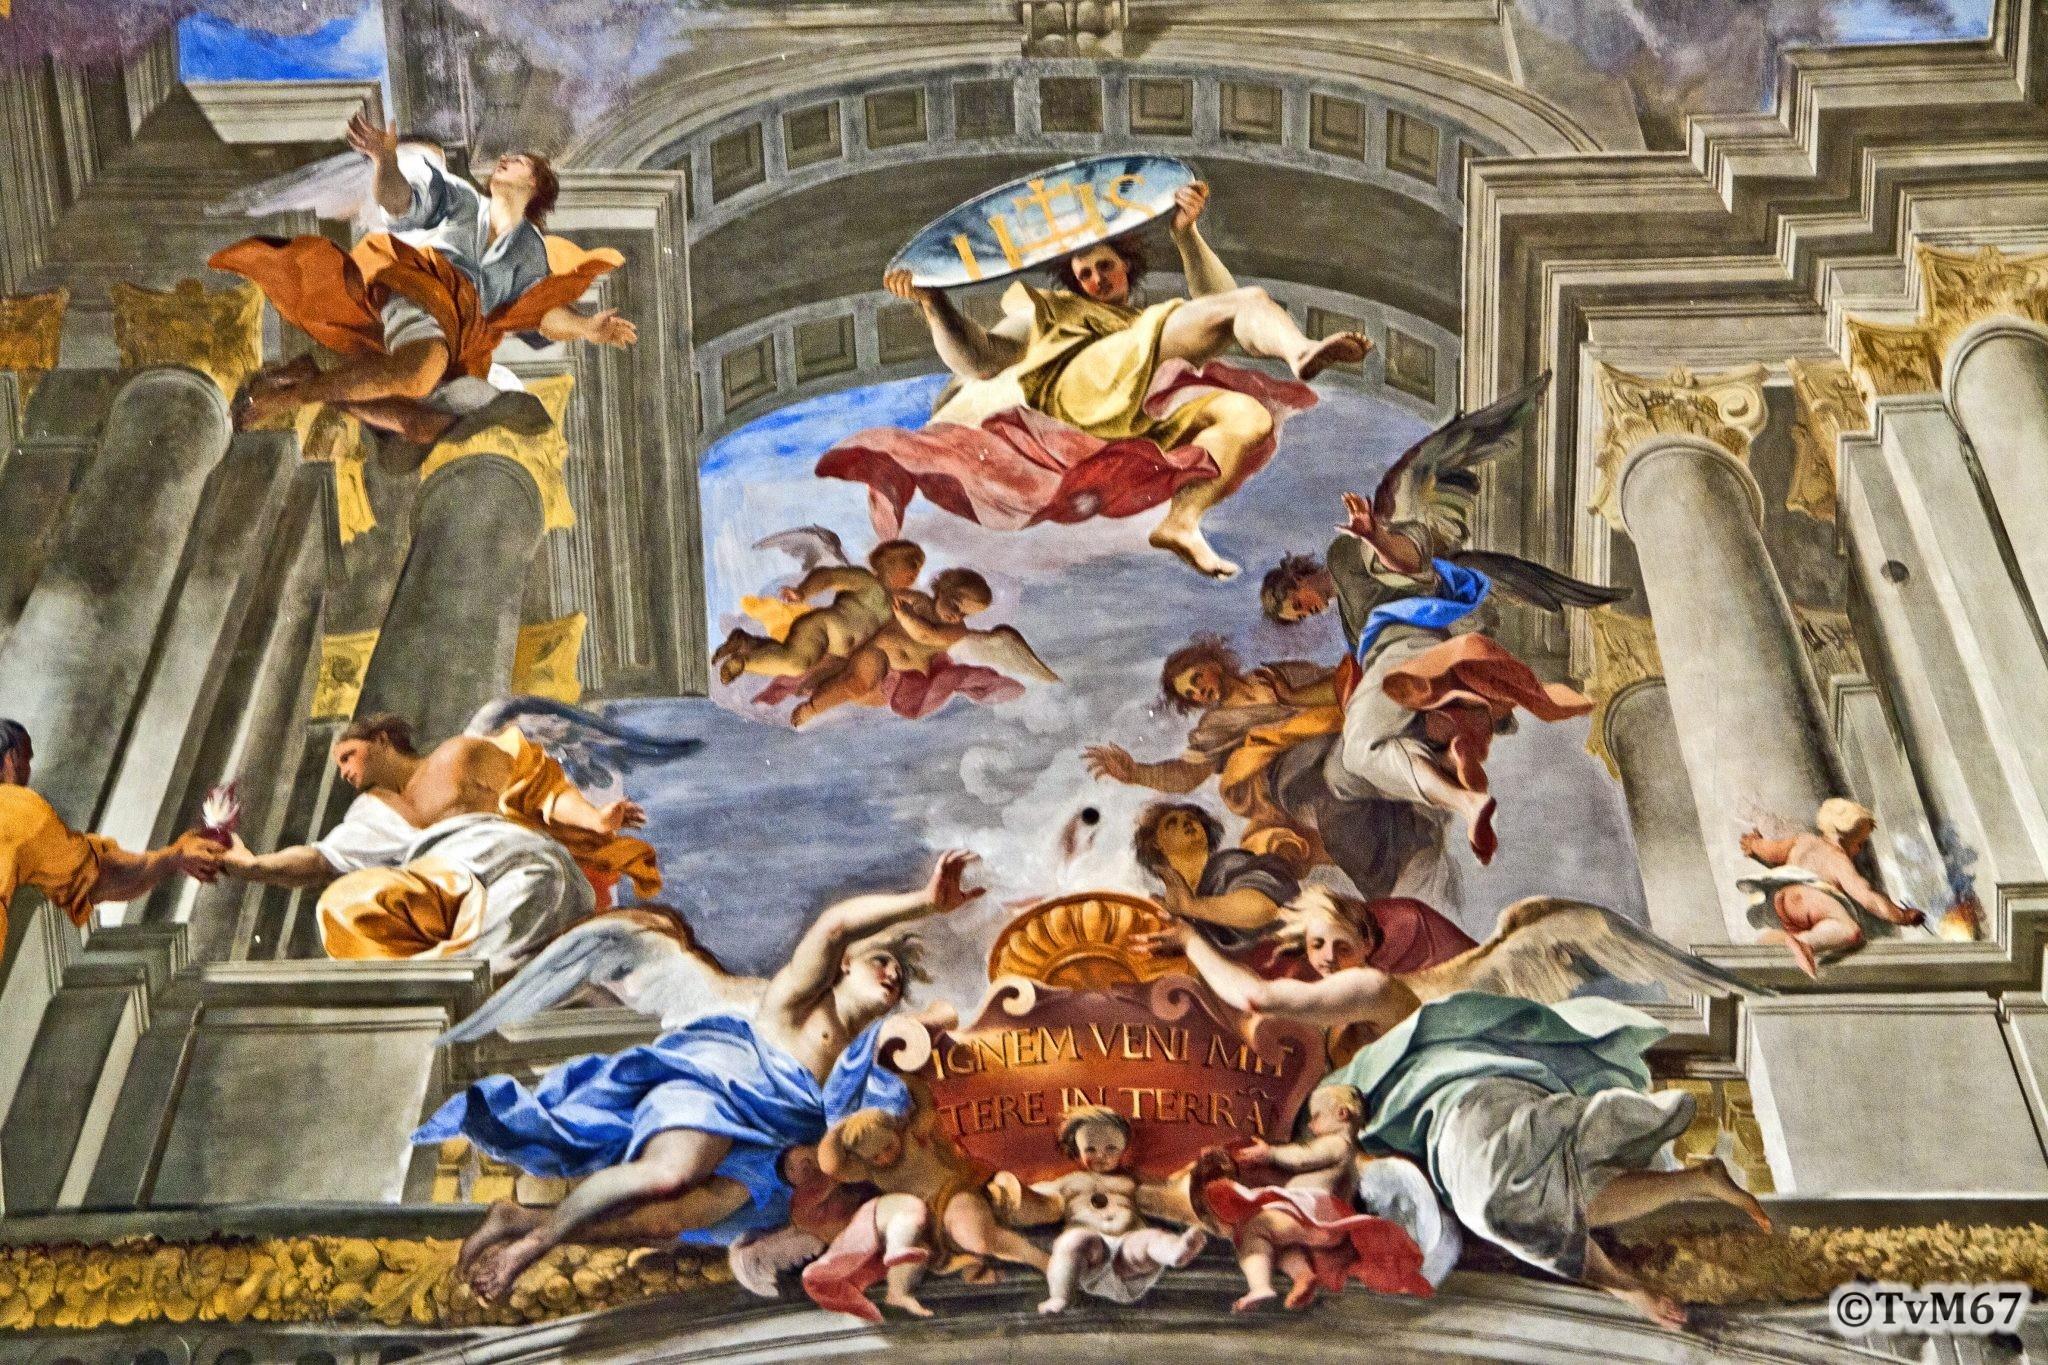 Roma, Chiesa di Sant'Ignazio, Middenschip, Pozzo, Plafond, detail 2, 2011